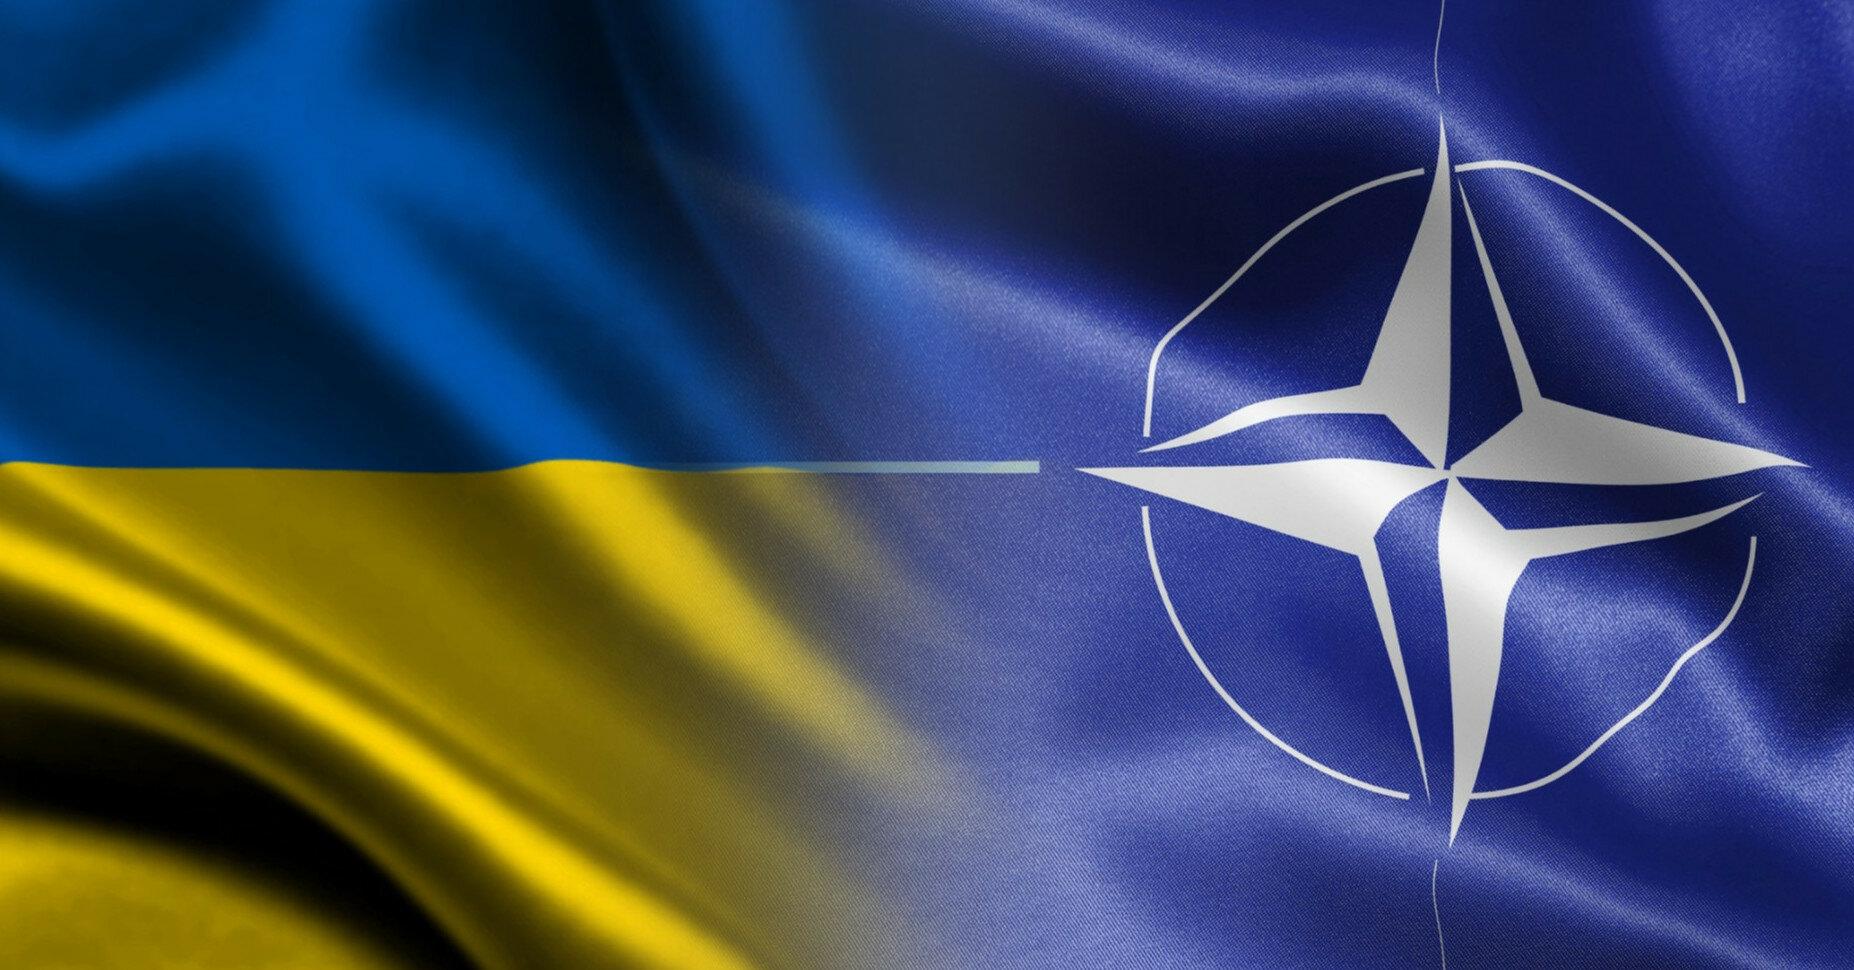 Почти половина украинцев считает НАТО союзником Украины - опрос